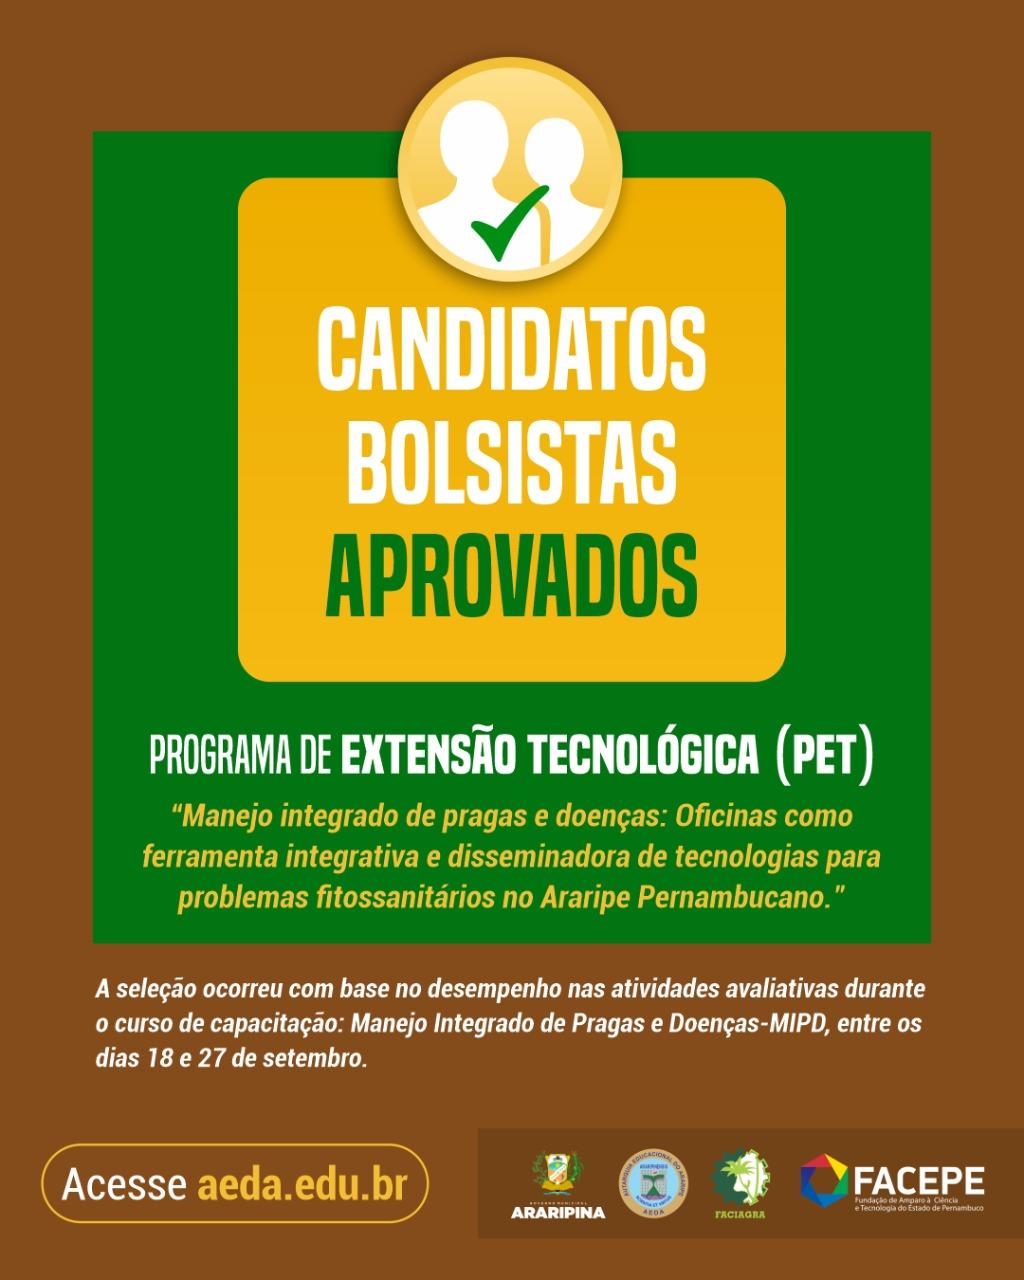 Confira os bolsistas aprovados no Programa de Extensão Tecnológica (PET) que foi aprovado em edital da FACEPE